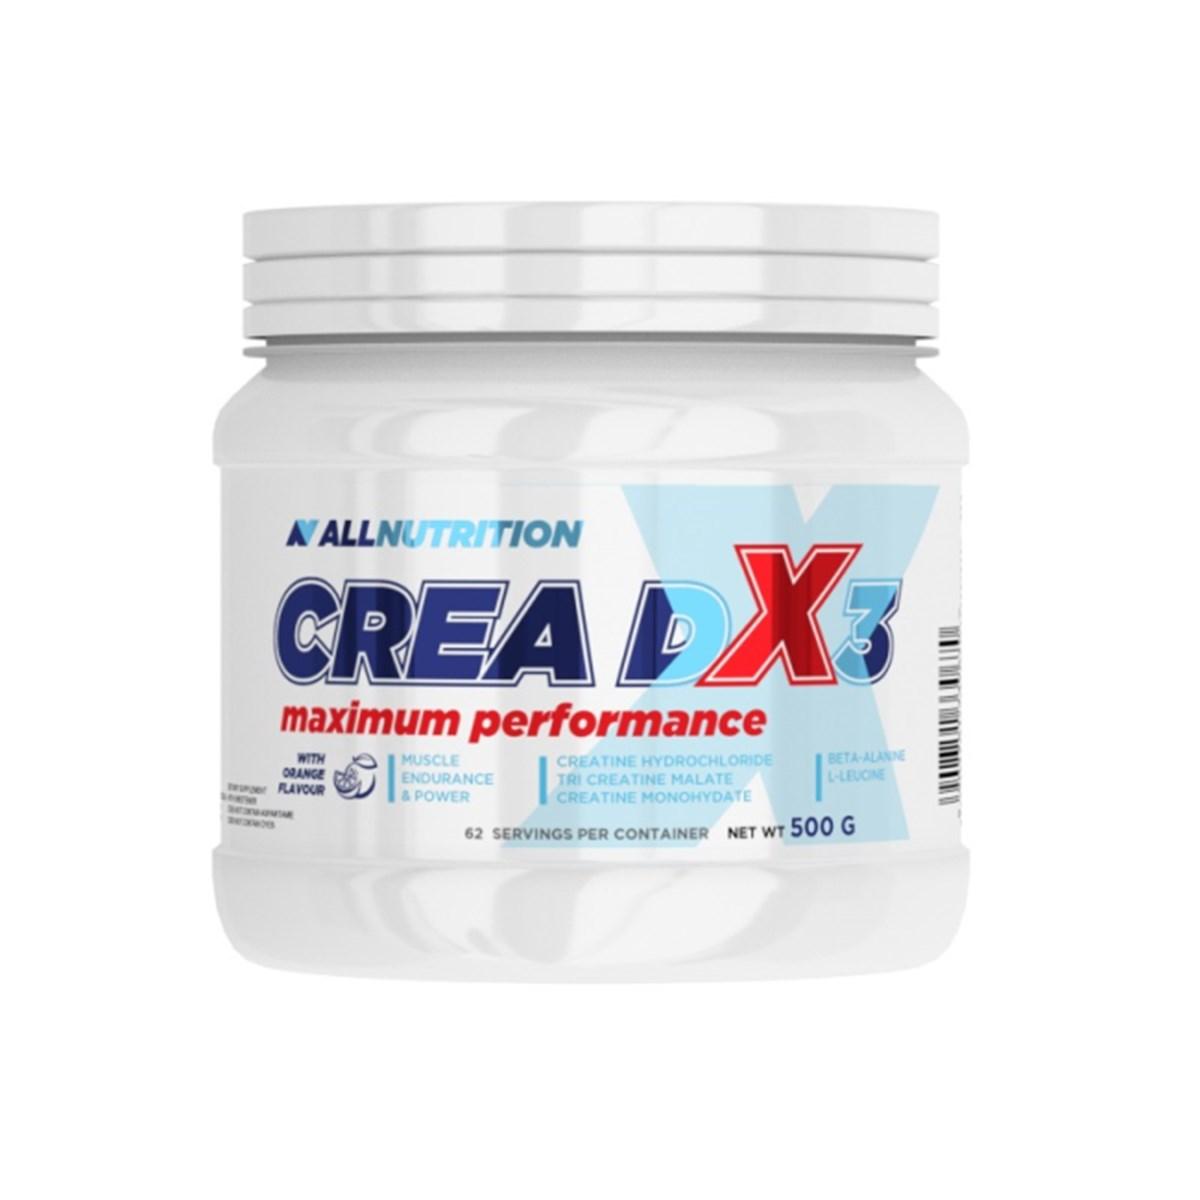 CreaDX3